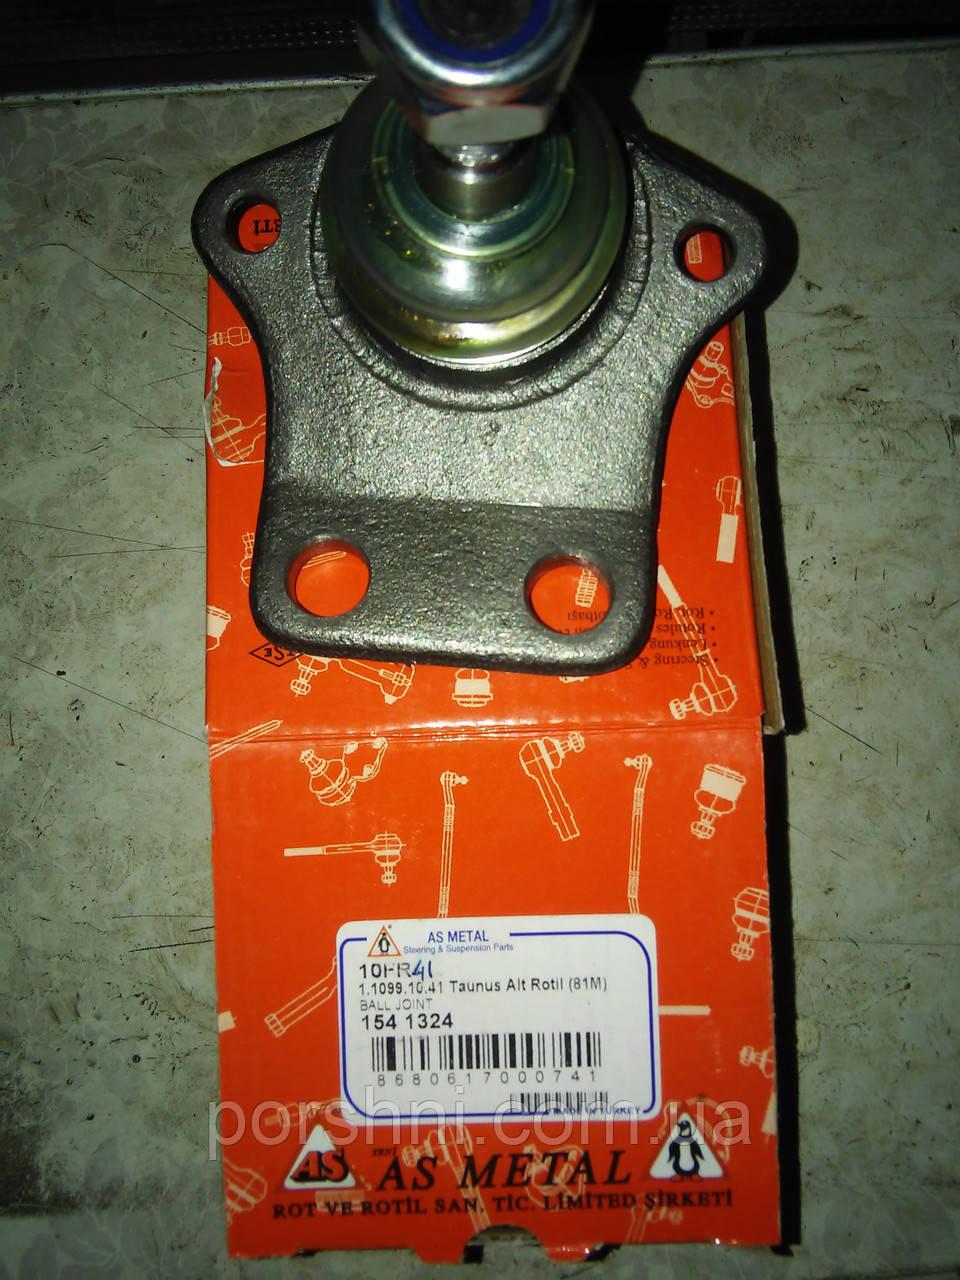 Шаровая Ford Таunus  Otosan  низ     A/S  METAL   1.1099.10.41  /  10FR41